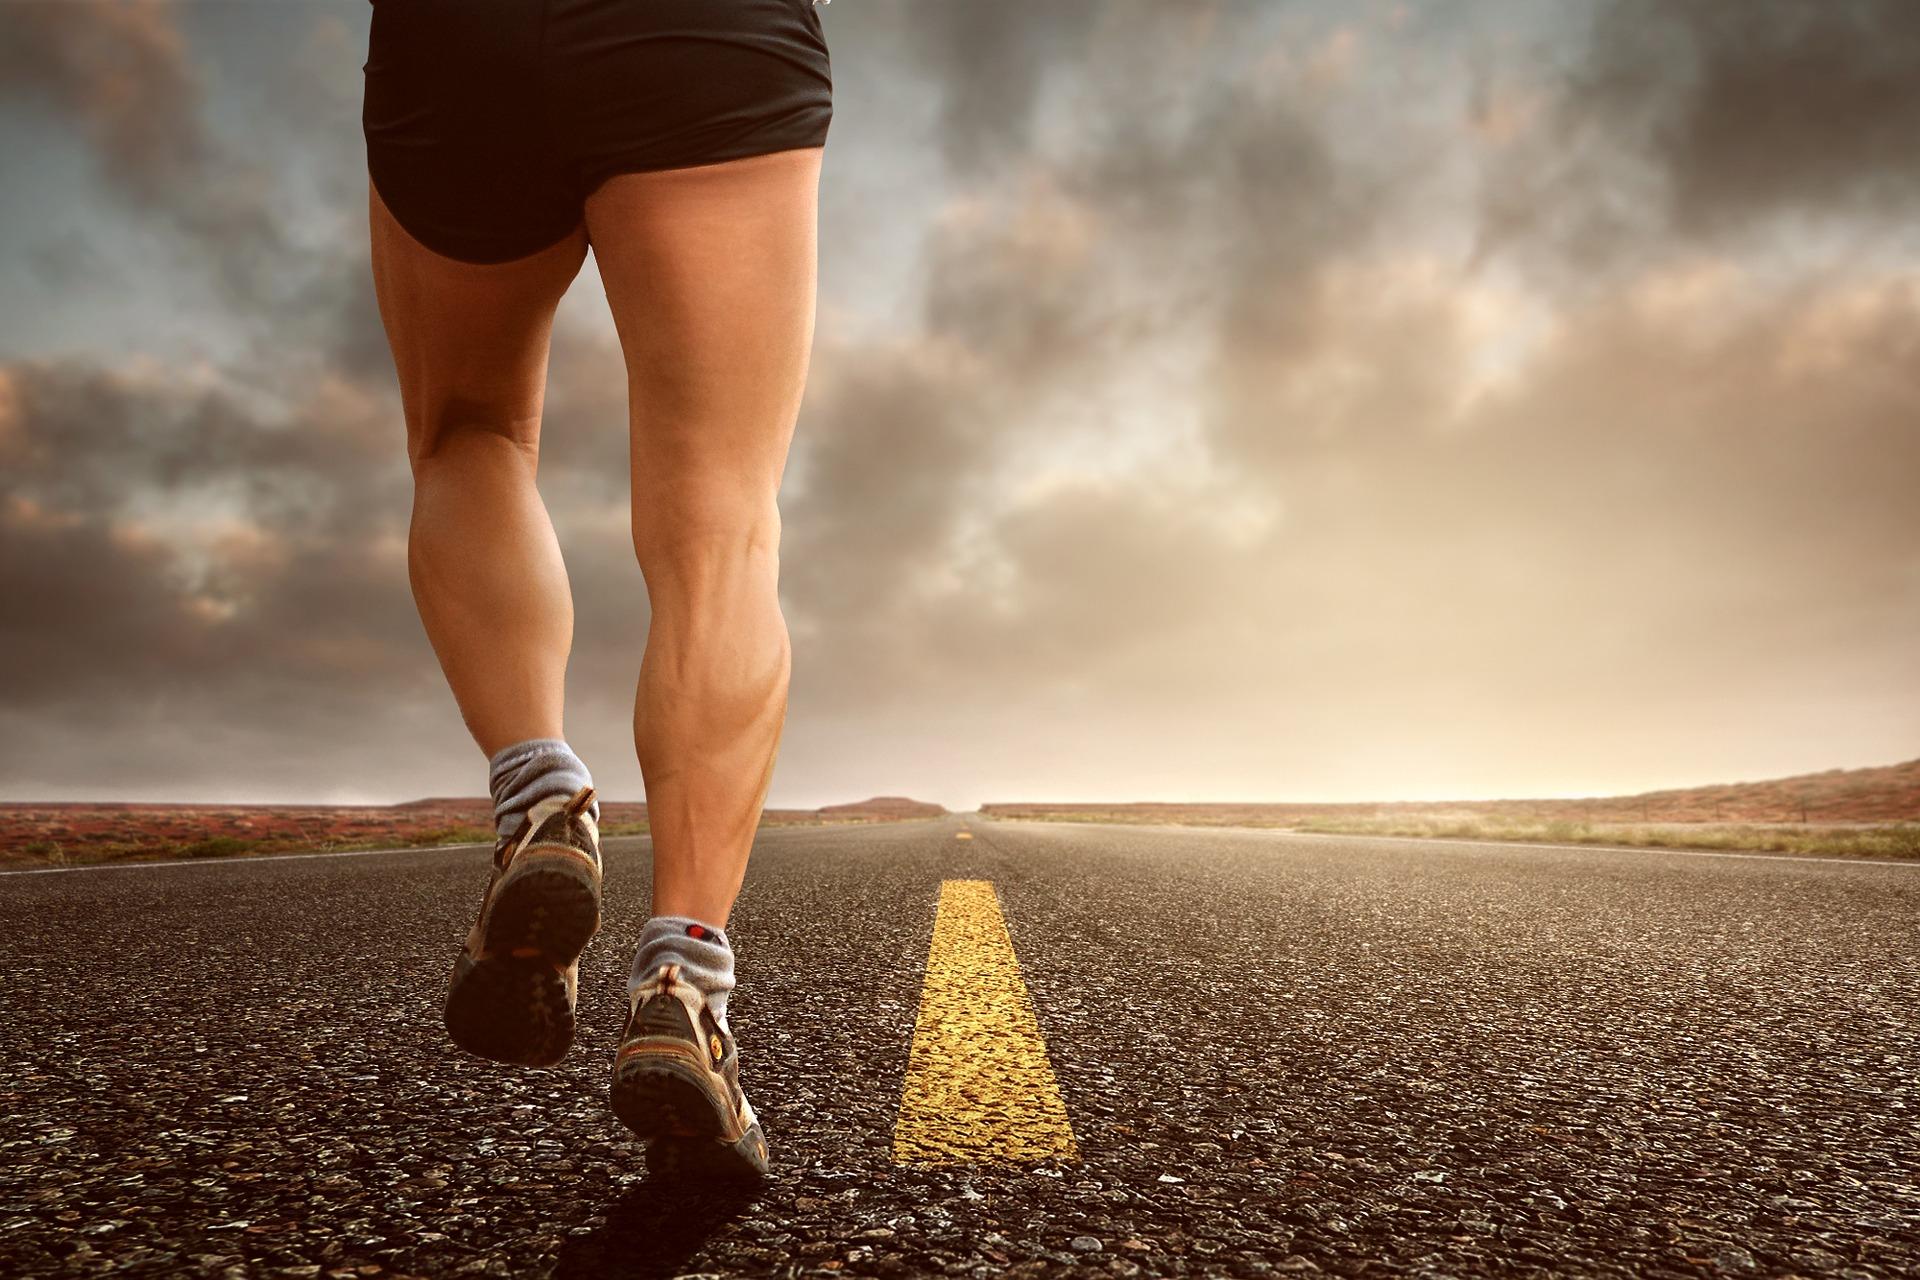 Comment progresser dans son sport avec une bonne préparation mentale